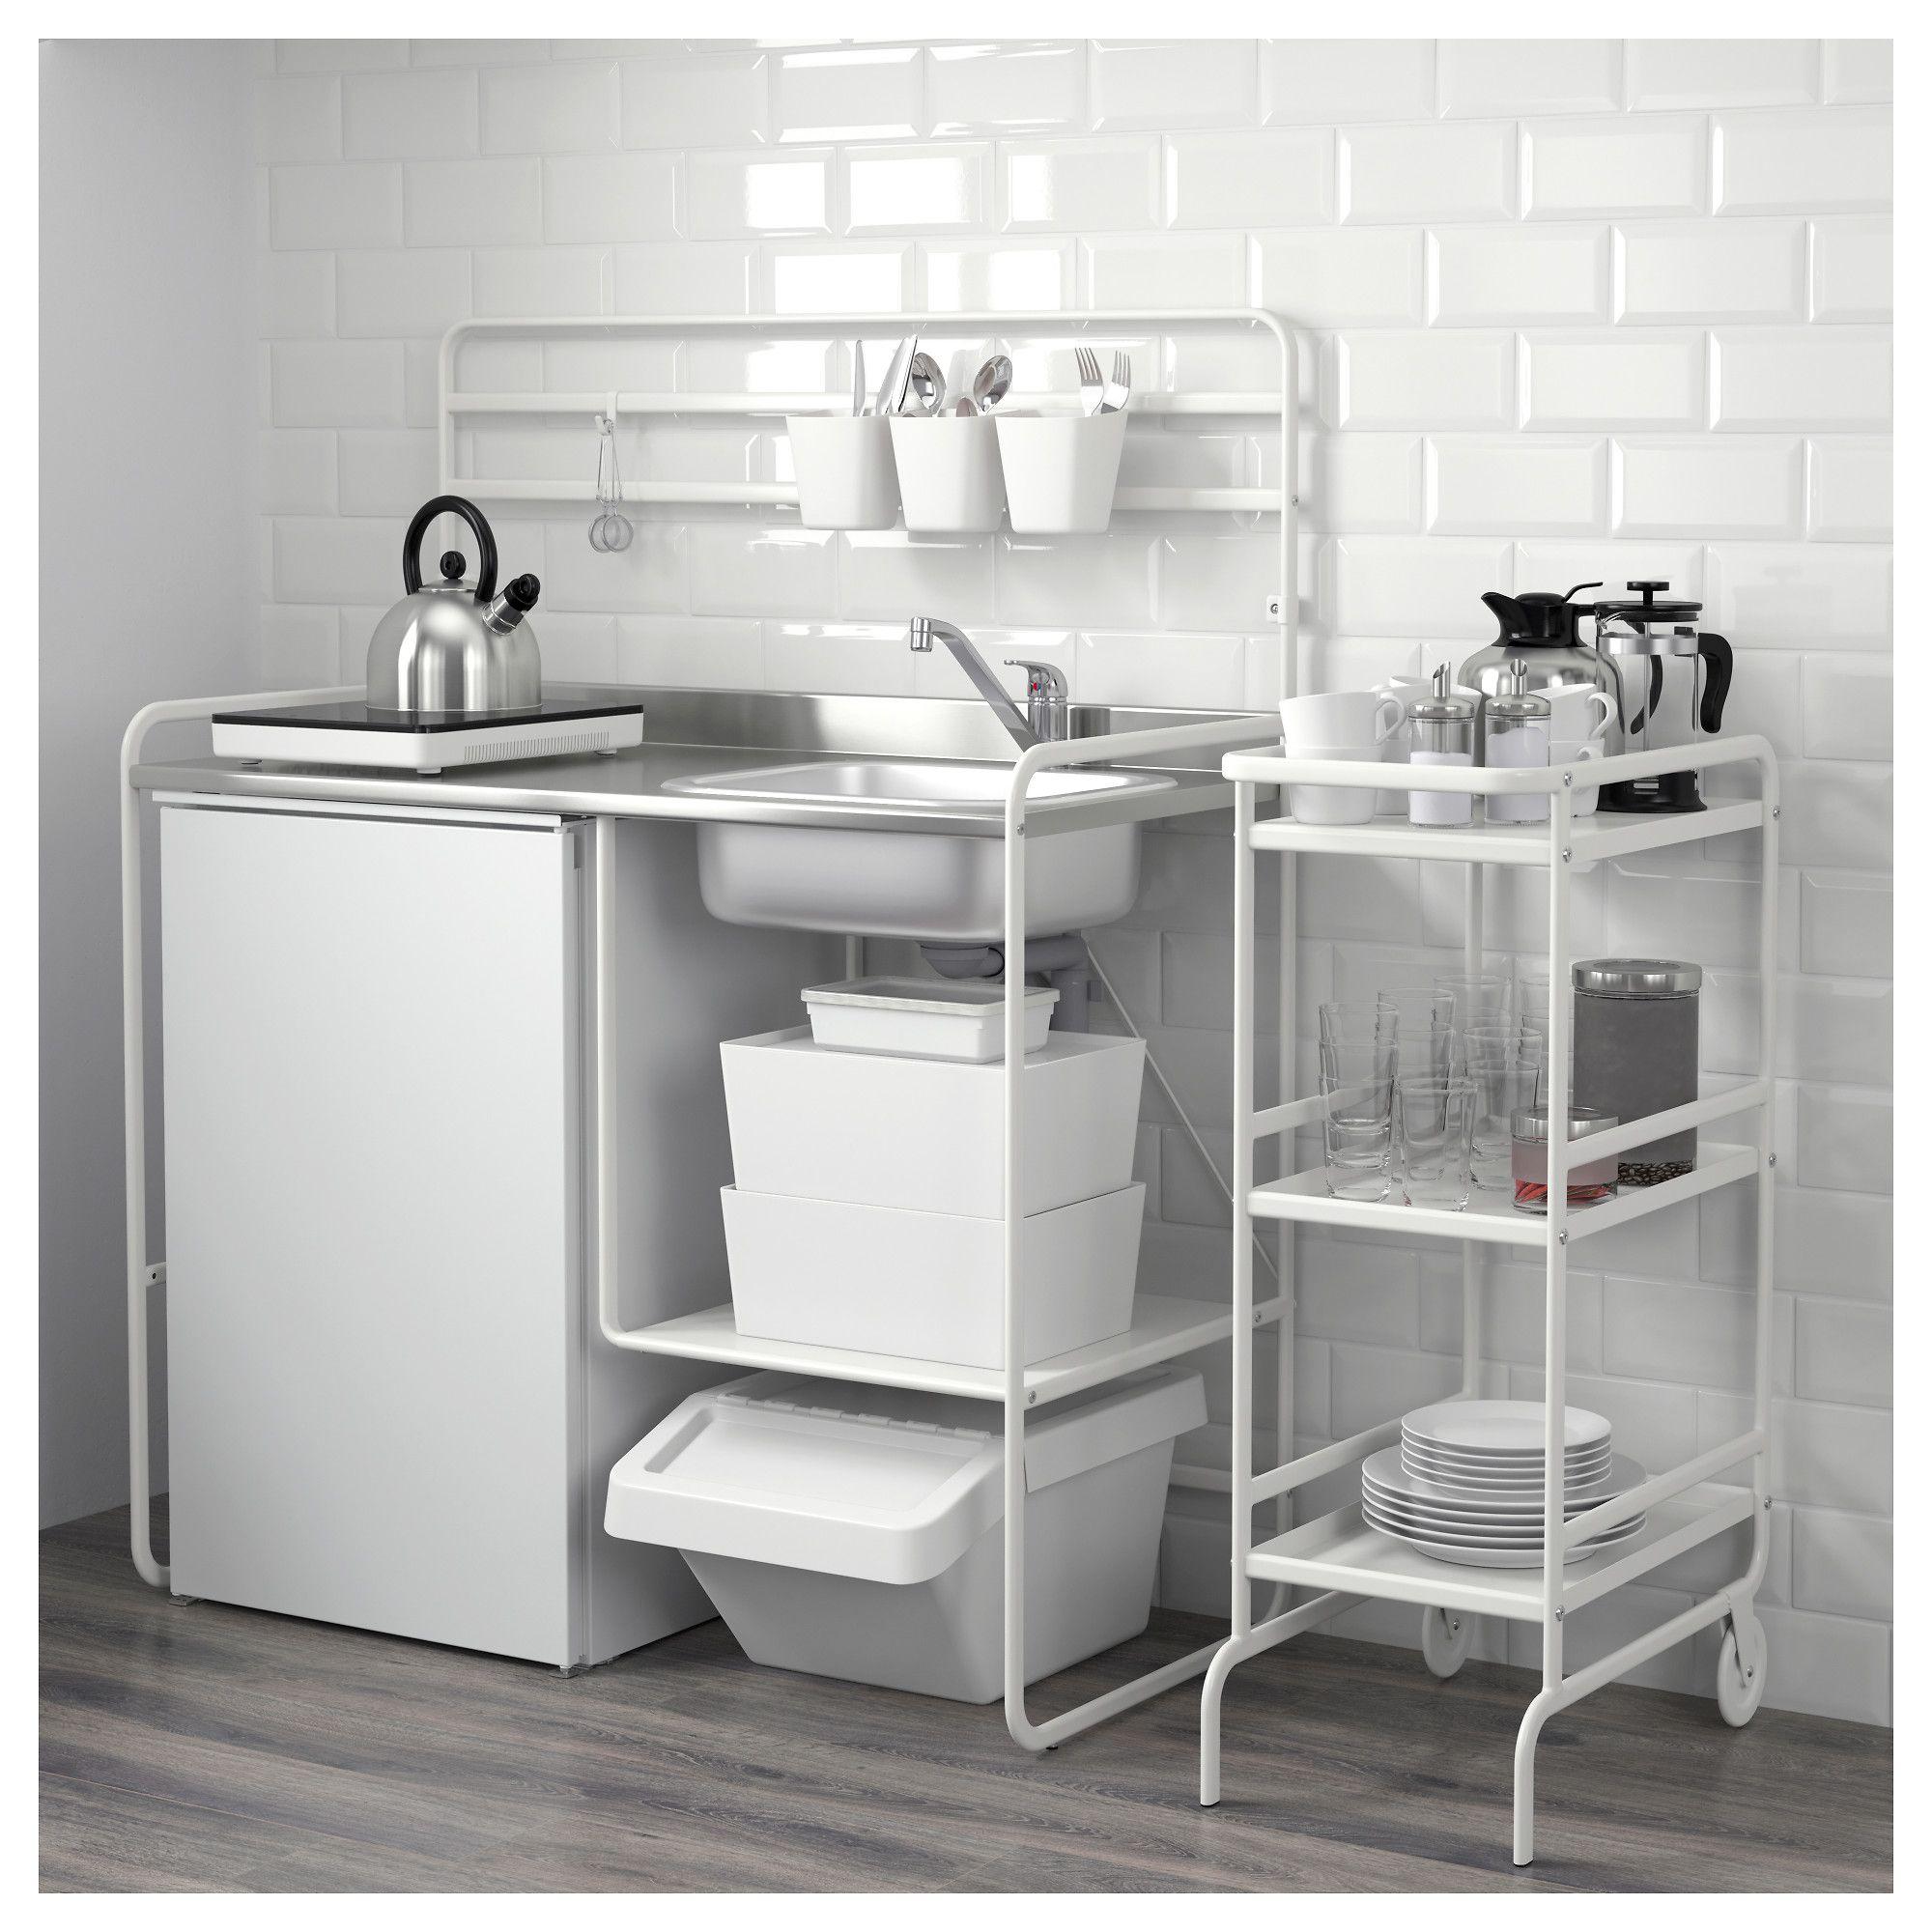 Full Size of Sunnersta Ikea Hack Cart Trolley Ideas Rail Instructions Bar Mini Kitchen 44 1 8x22x54 3 4 112x56x139 Cm Sofa Mit Schlaffunktion Küche Kosten Kaufen Wohnzimmer Sunnersta Ikea